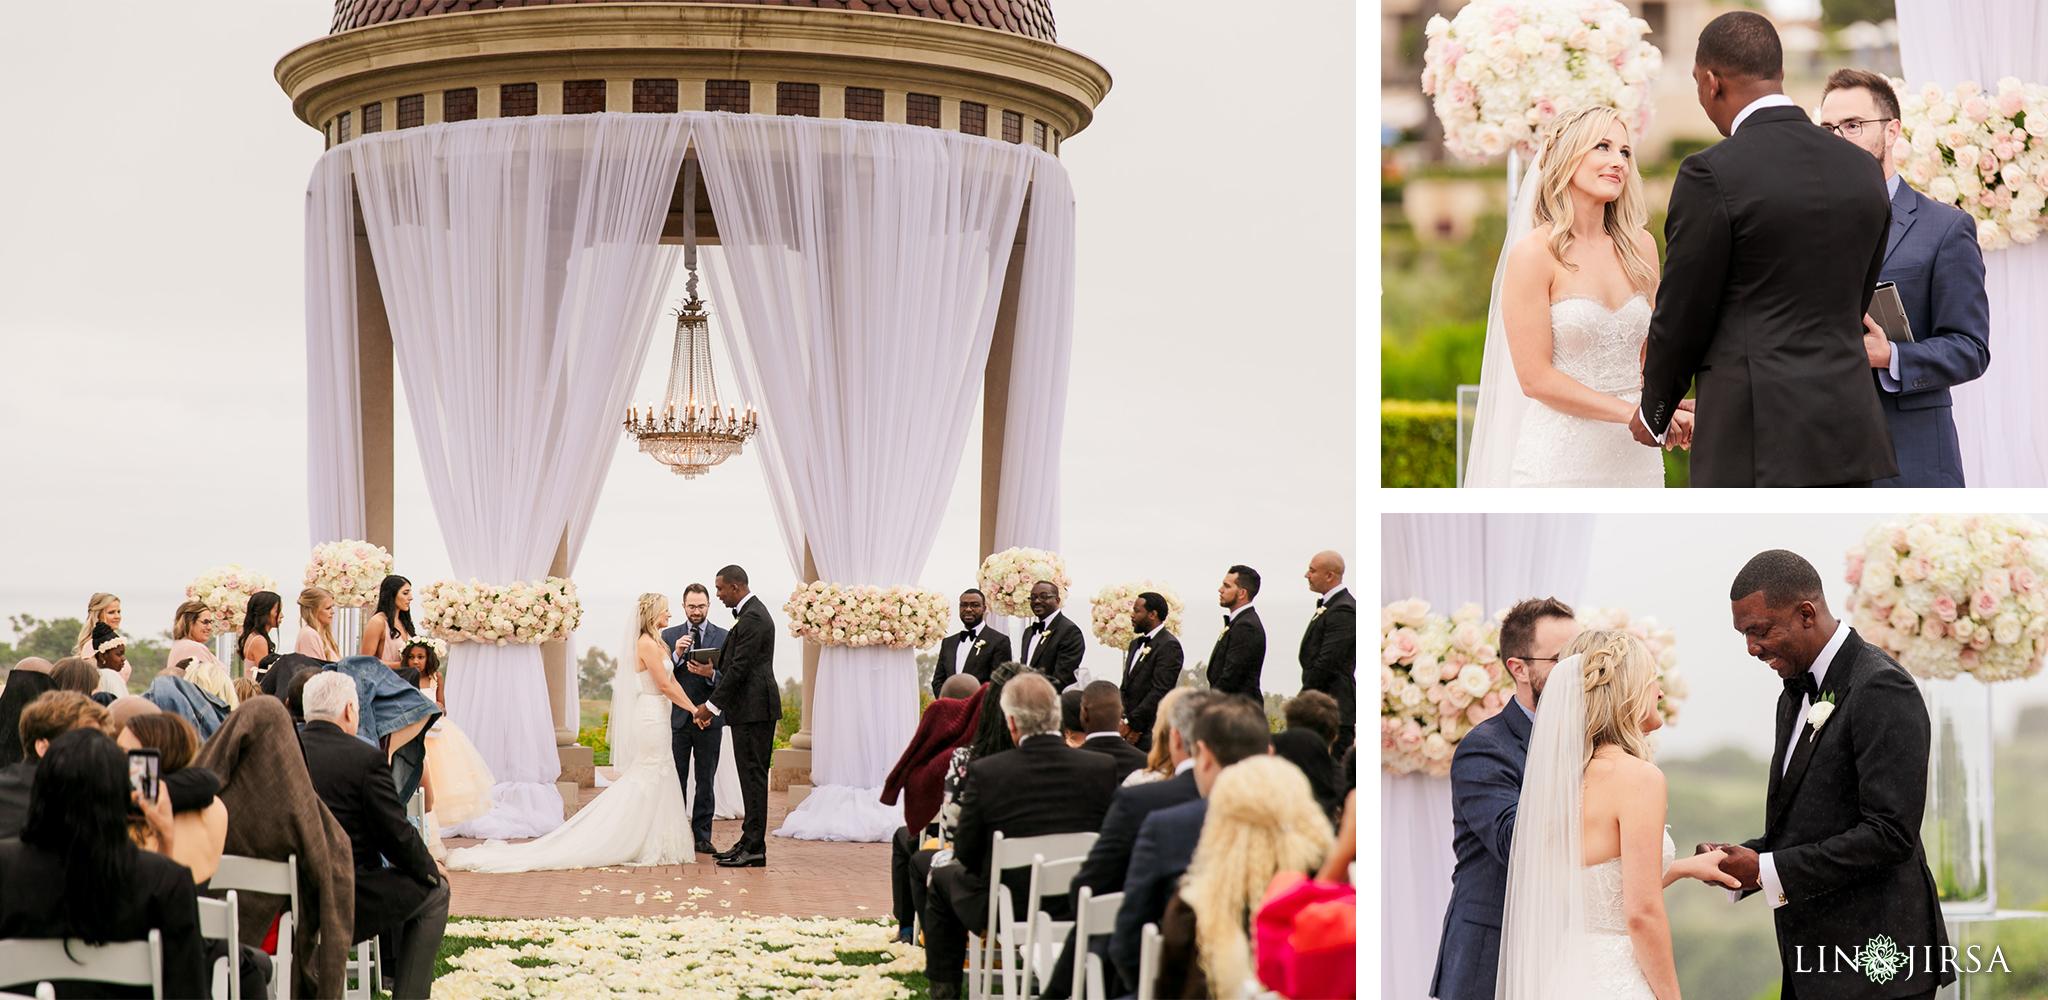 14 Pelican Hill Resort Orange County Rainy Wedding Ceremony Photographer